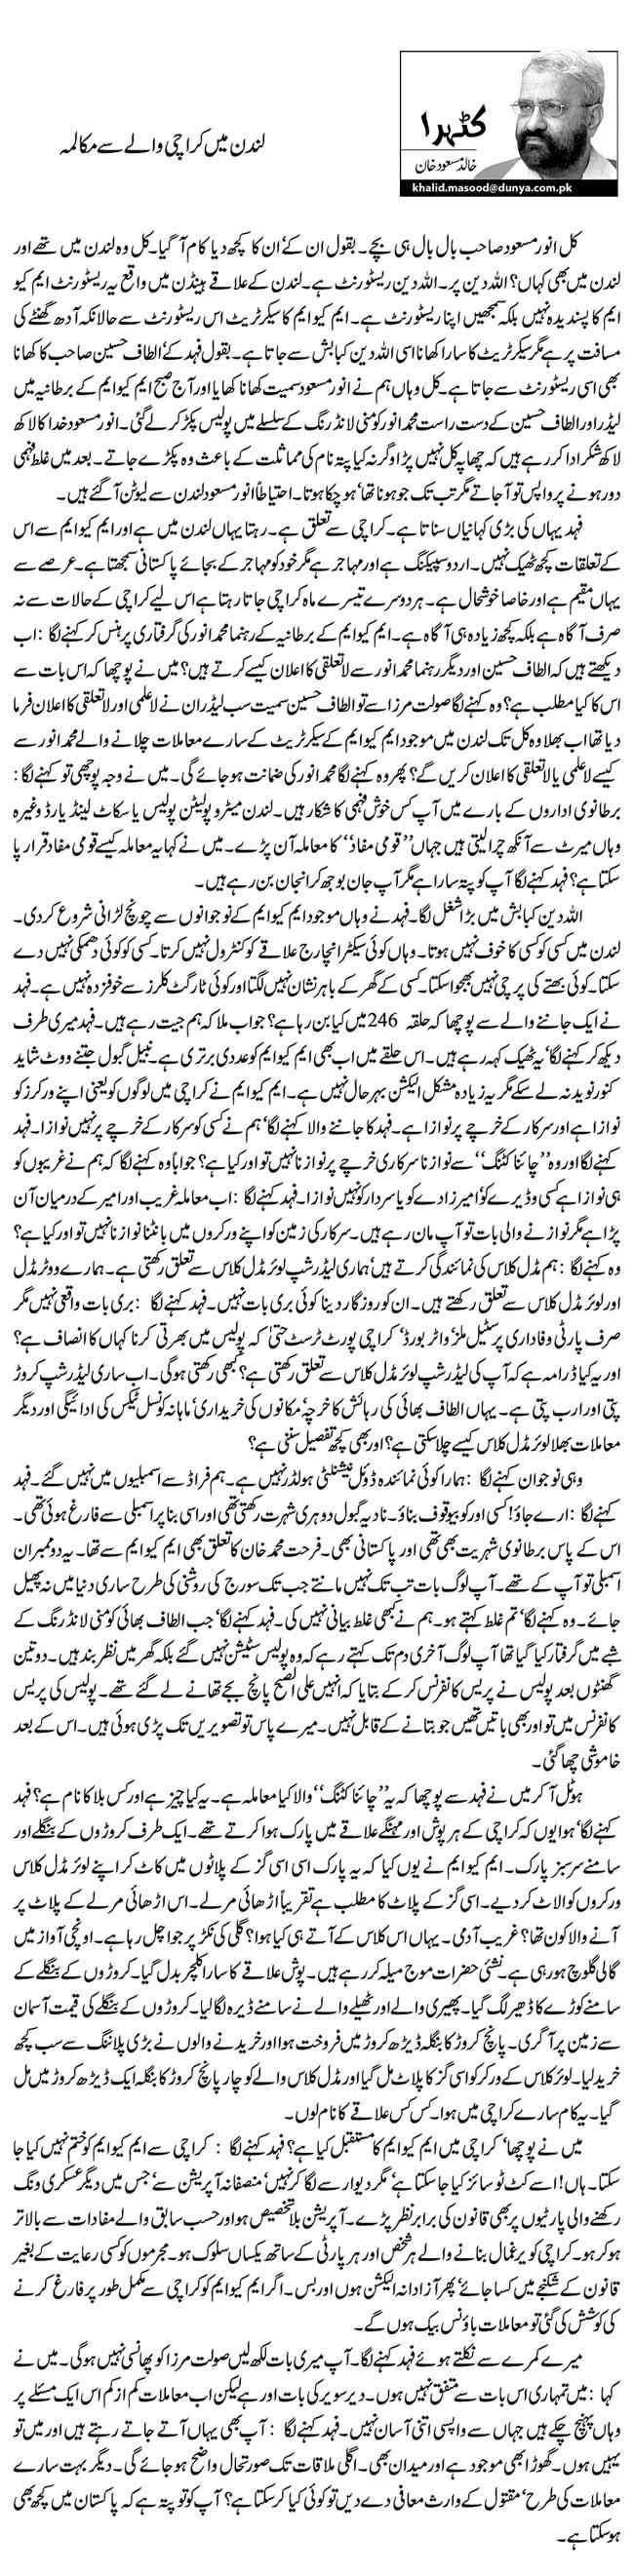 لندن میں کراچی والے سے مکالمہ